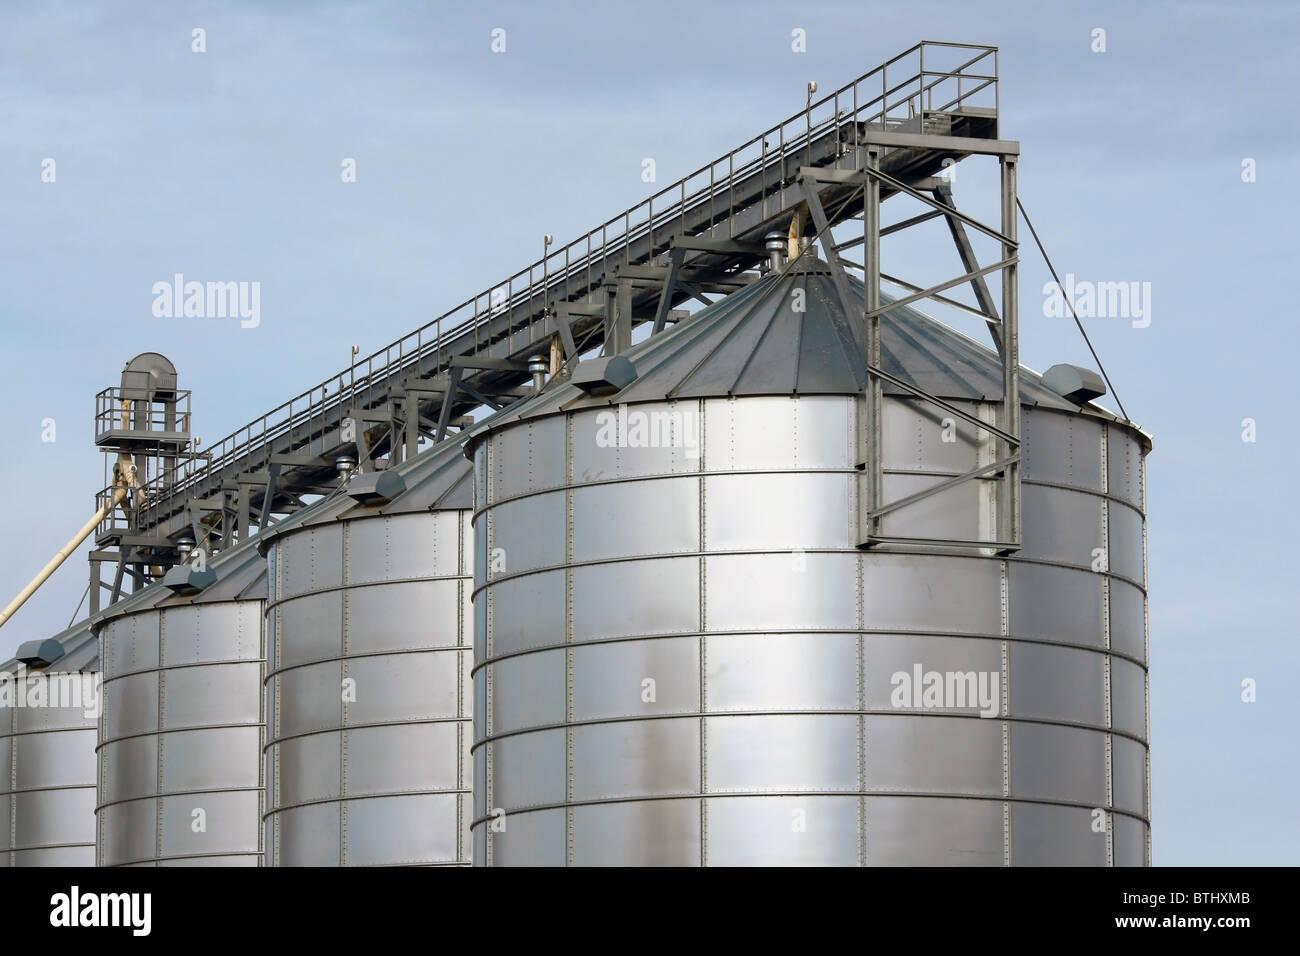 Tanques de almacenamiento agrícola Imagen De Stock